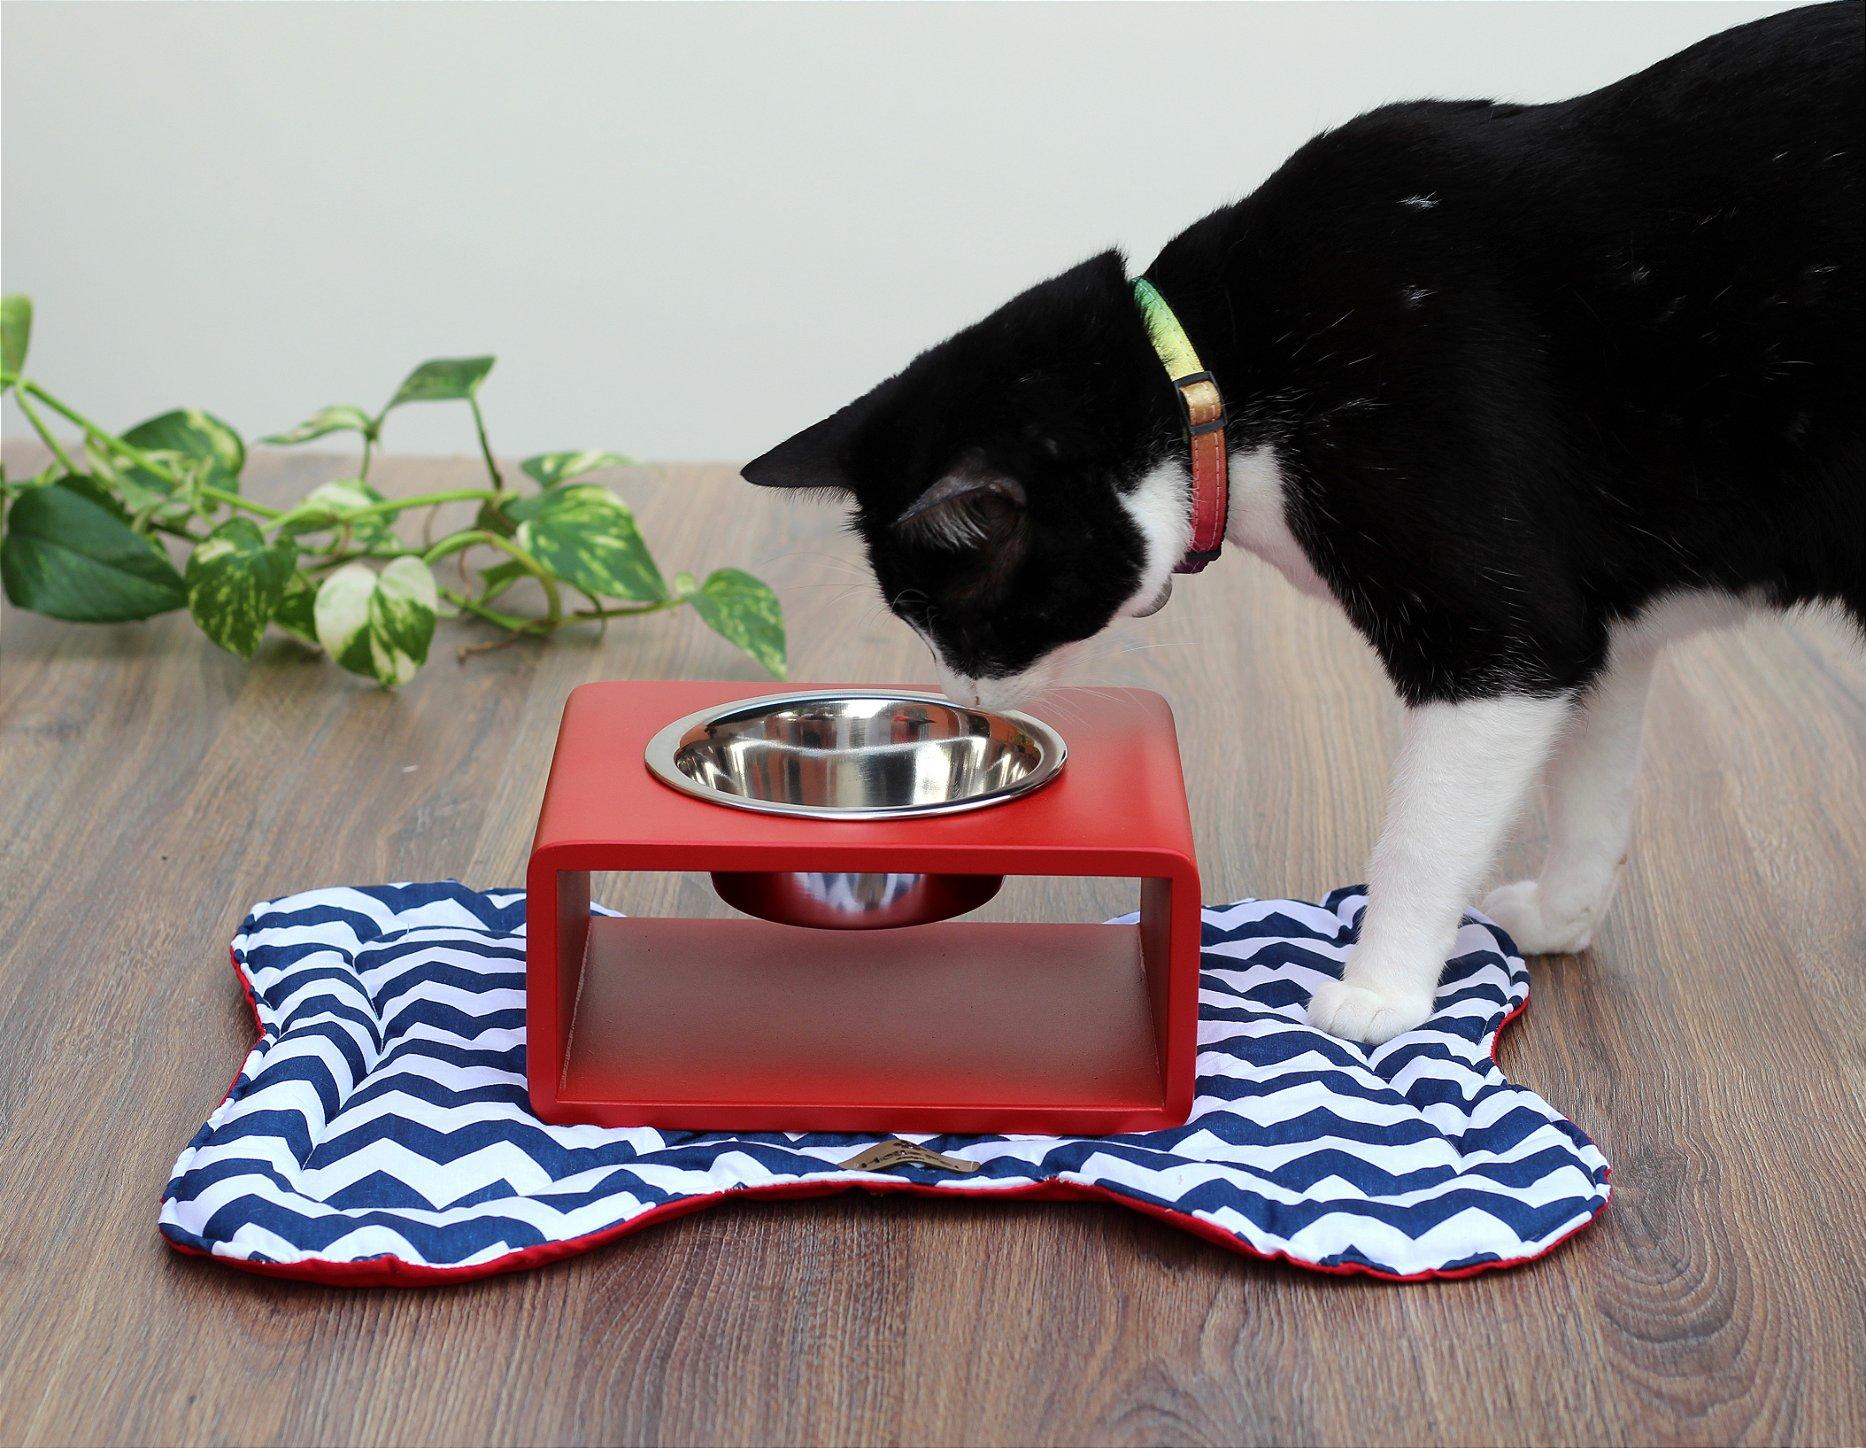 Gato comendo do comedouro modern.